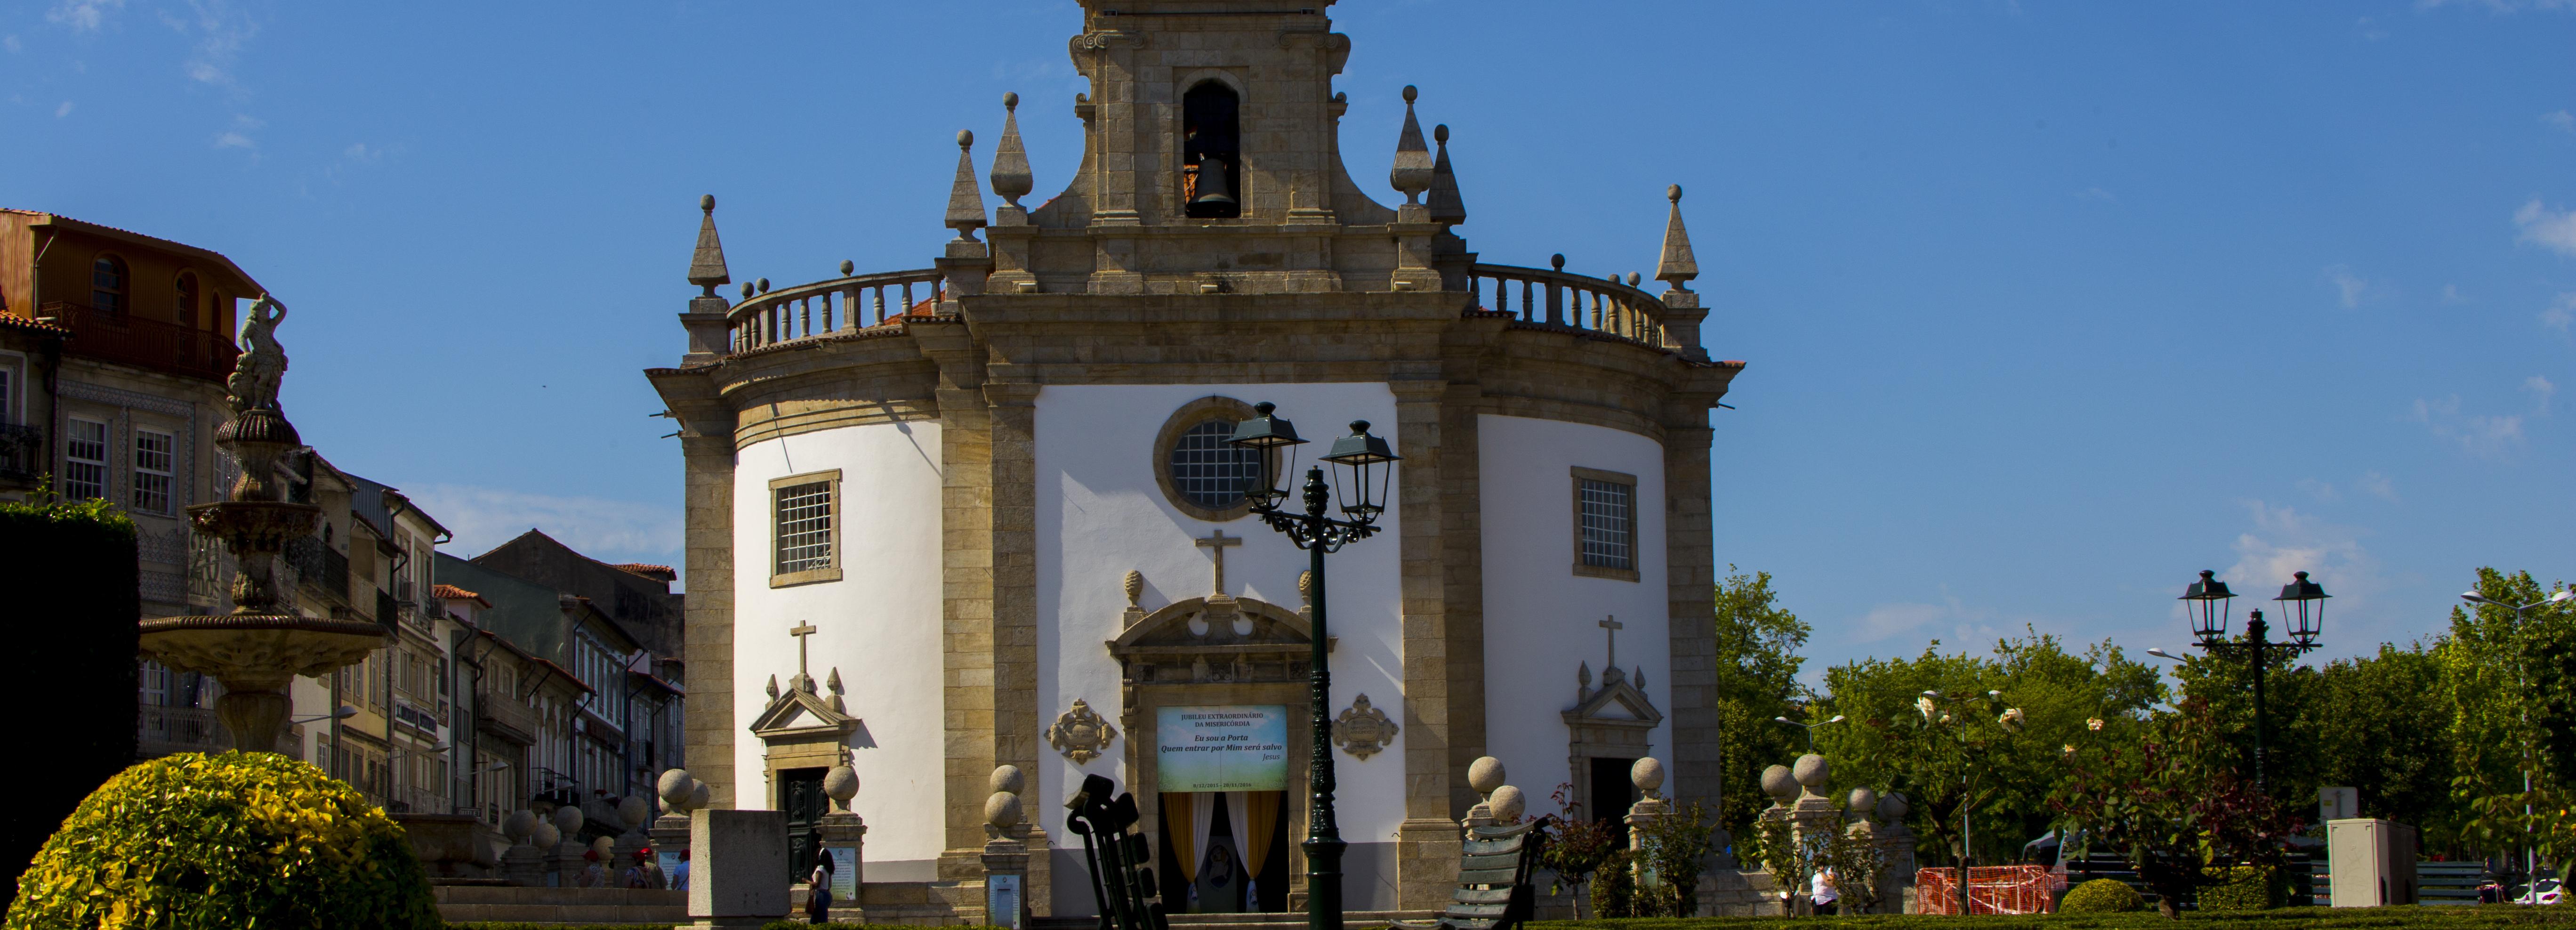 Templo do Senhor da Cruz com portas novas